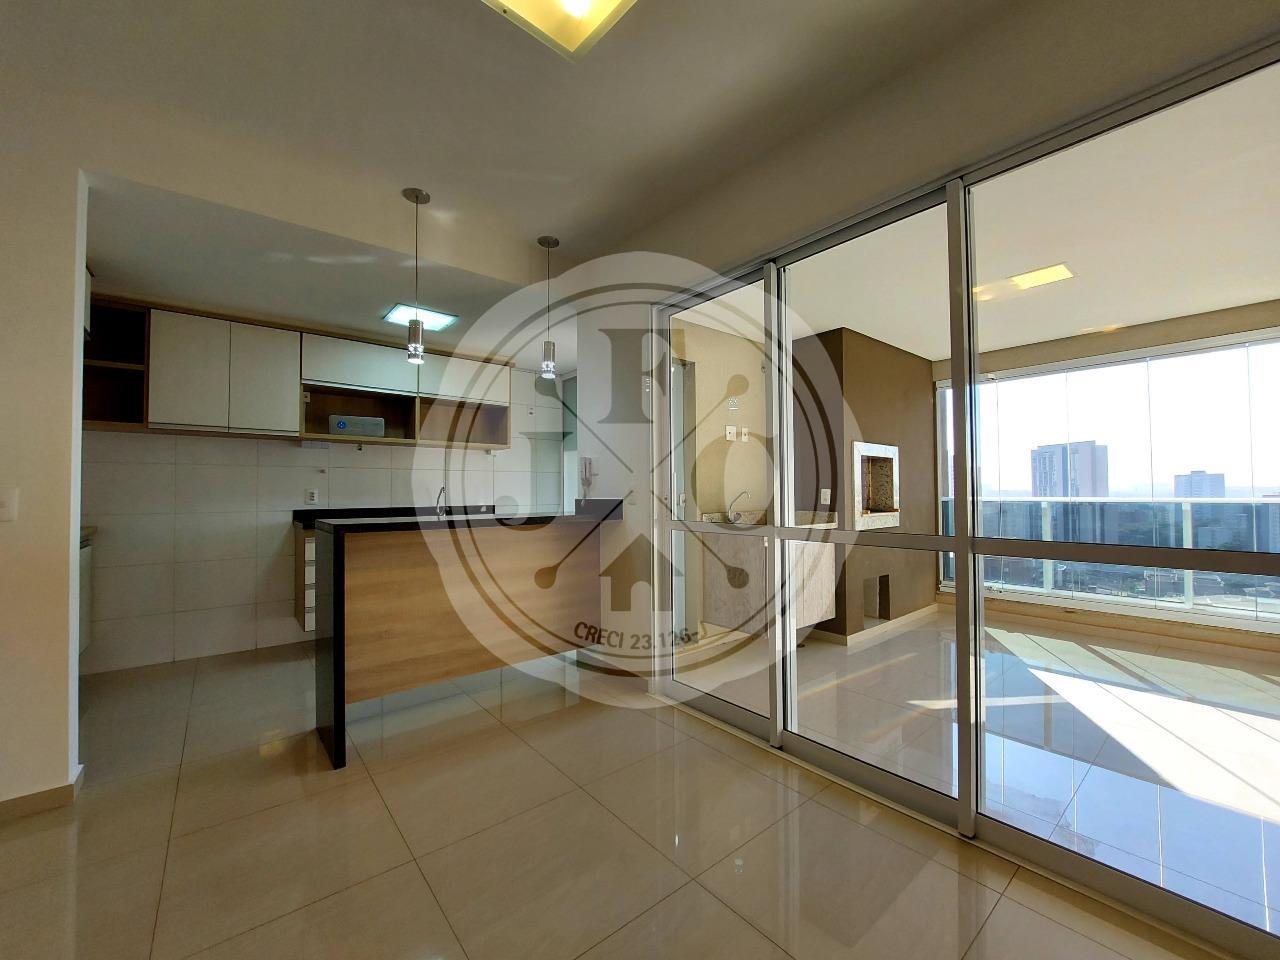 Exclusivo apartamento à venda com 2 suítes no bairro Bosque das Juritis.